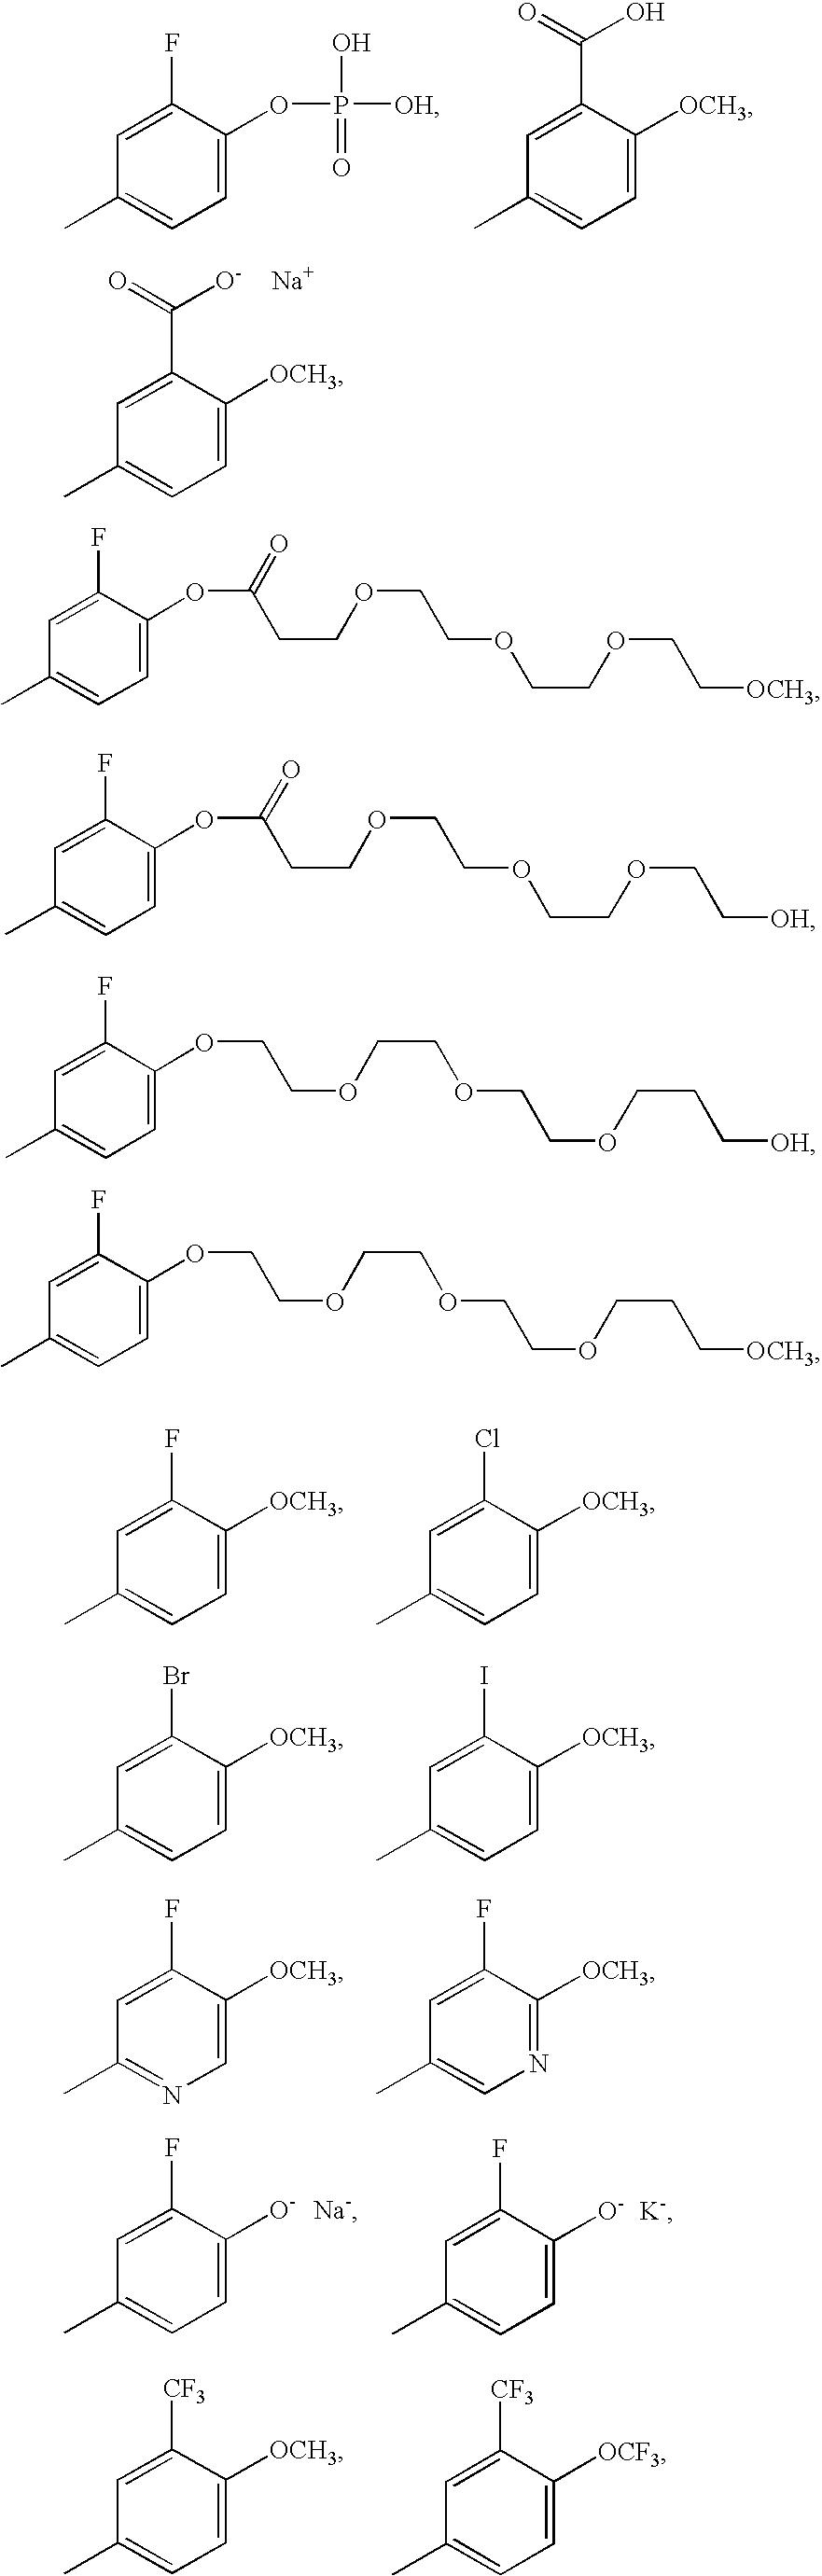 Figure US20050113341A1-20050526-C00102